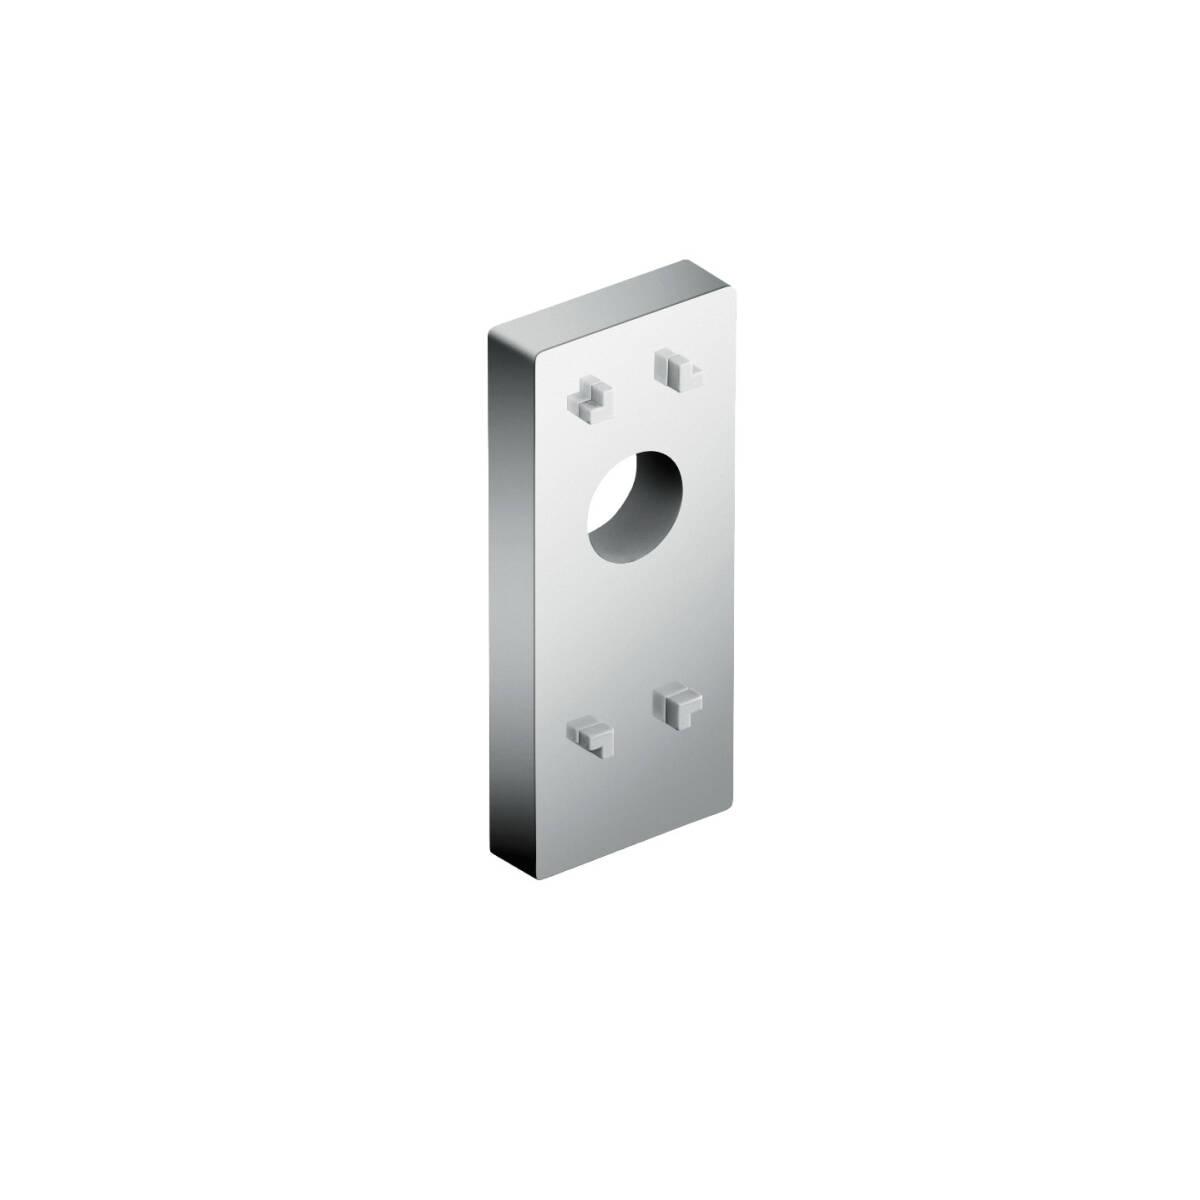 Accessoires Salle De Bain Axor ~ axor accessoires axor uno cale de compensation 7 mm 96397000